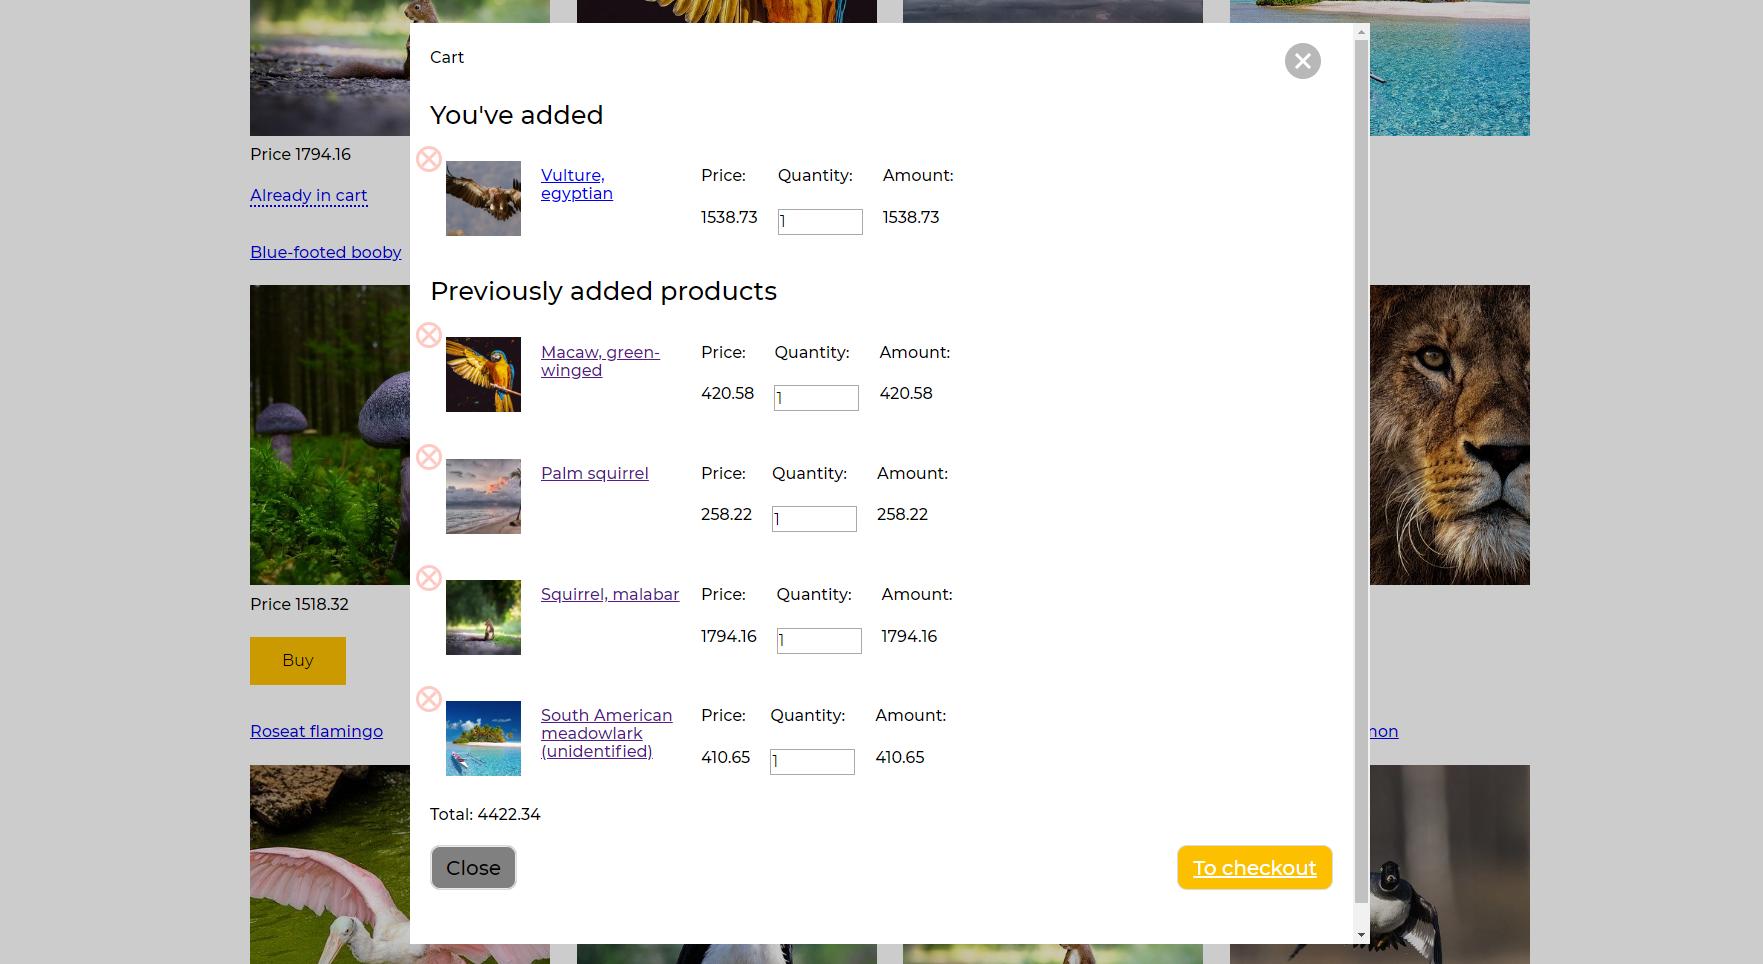 Создаем интернет-магазин на Nuxt.js 2 пошаговое руководство Часть 3 - 16.05.2020 — IT-МИР. ПОМОЩЬ В IT-МИРЕ 2020